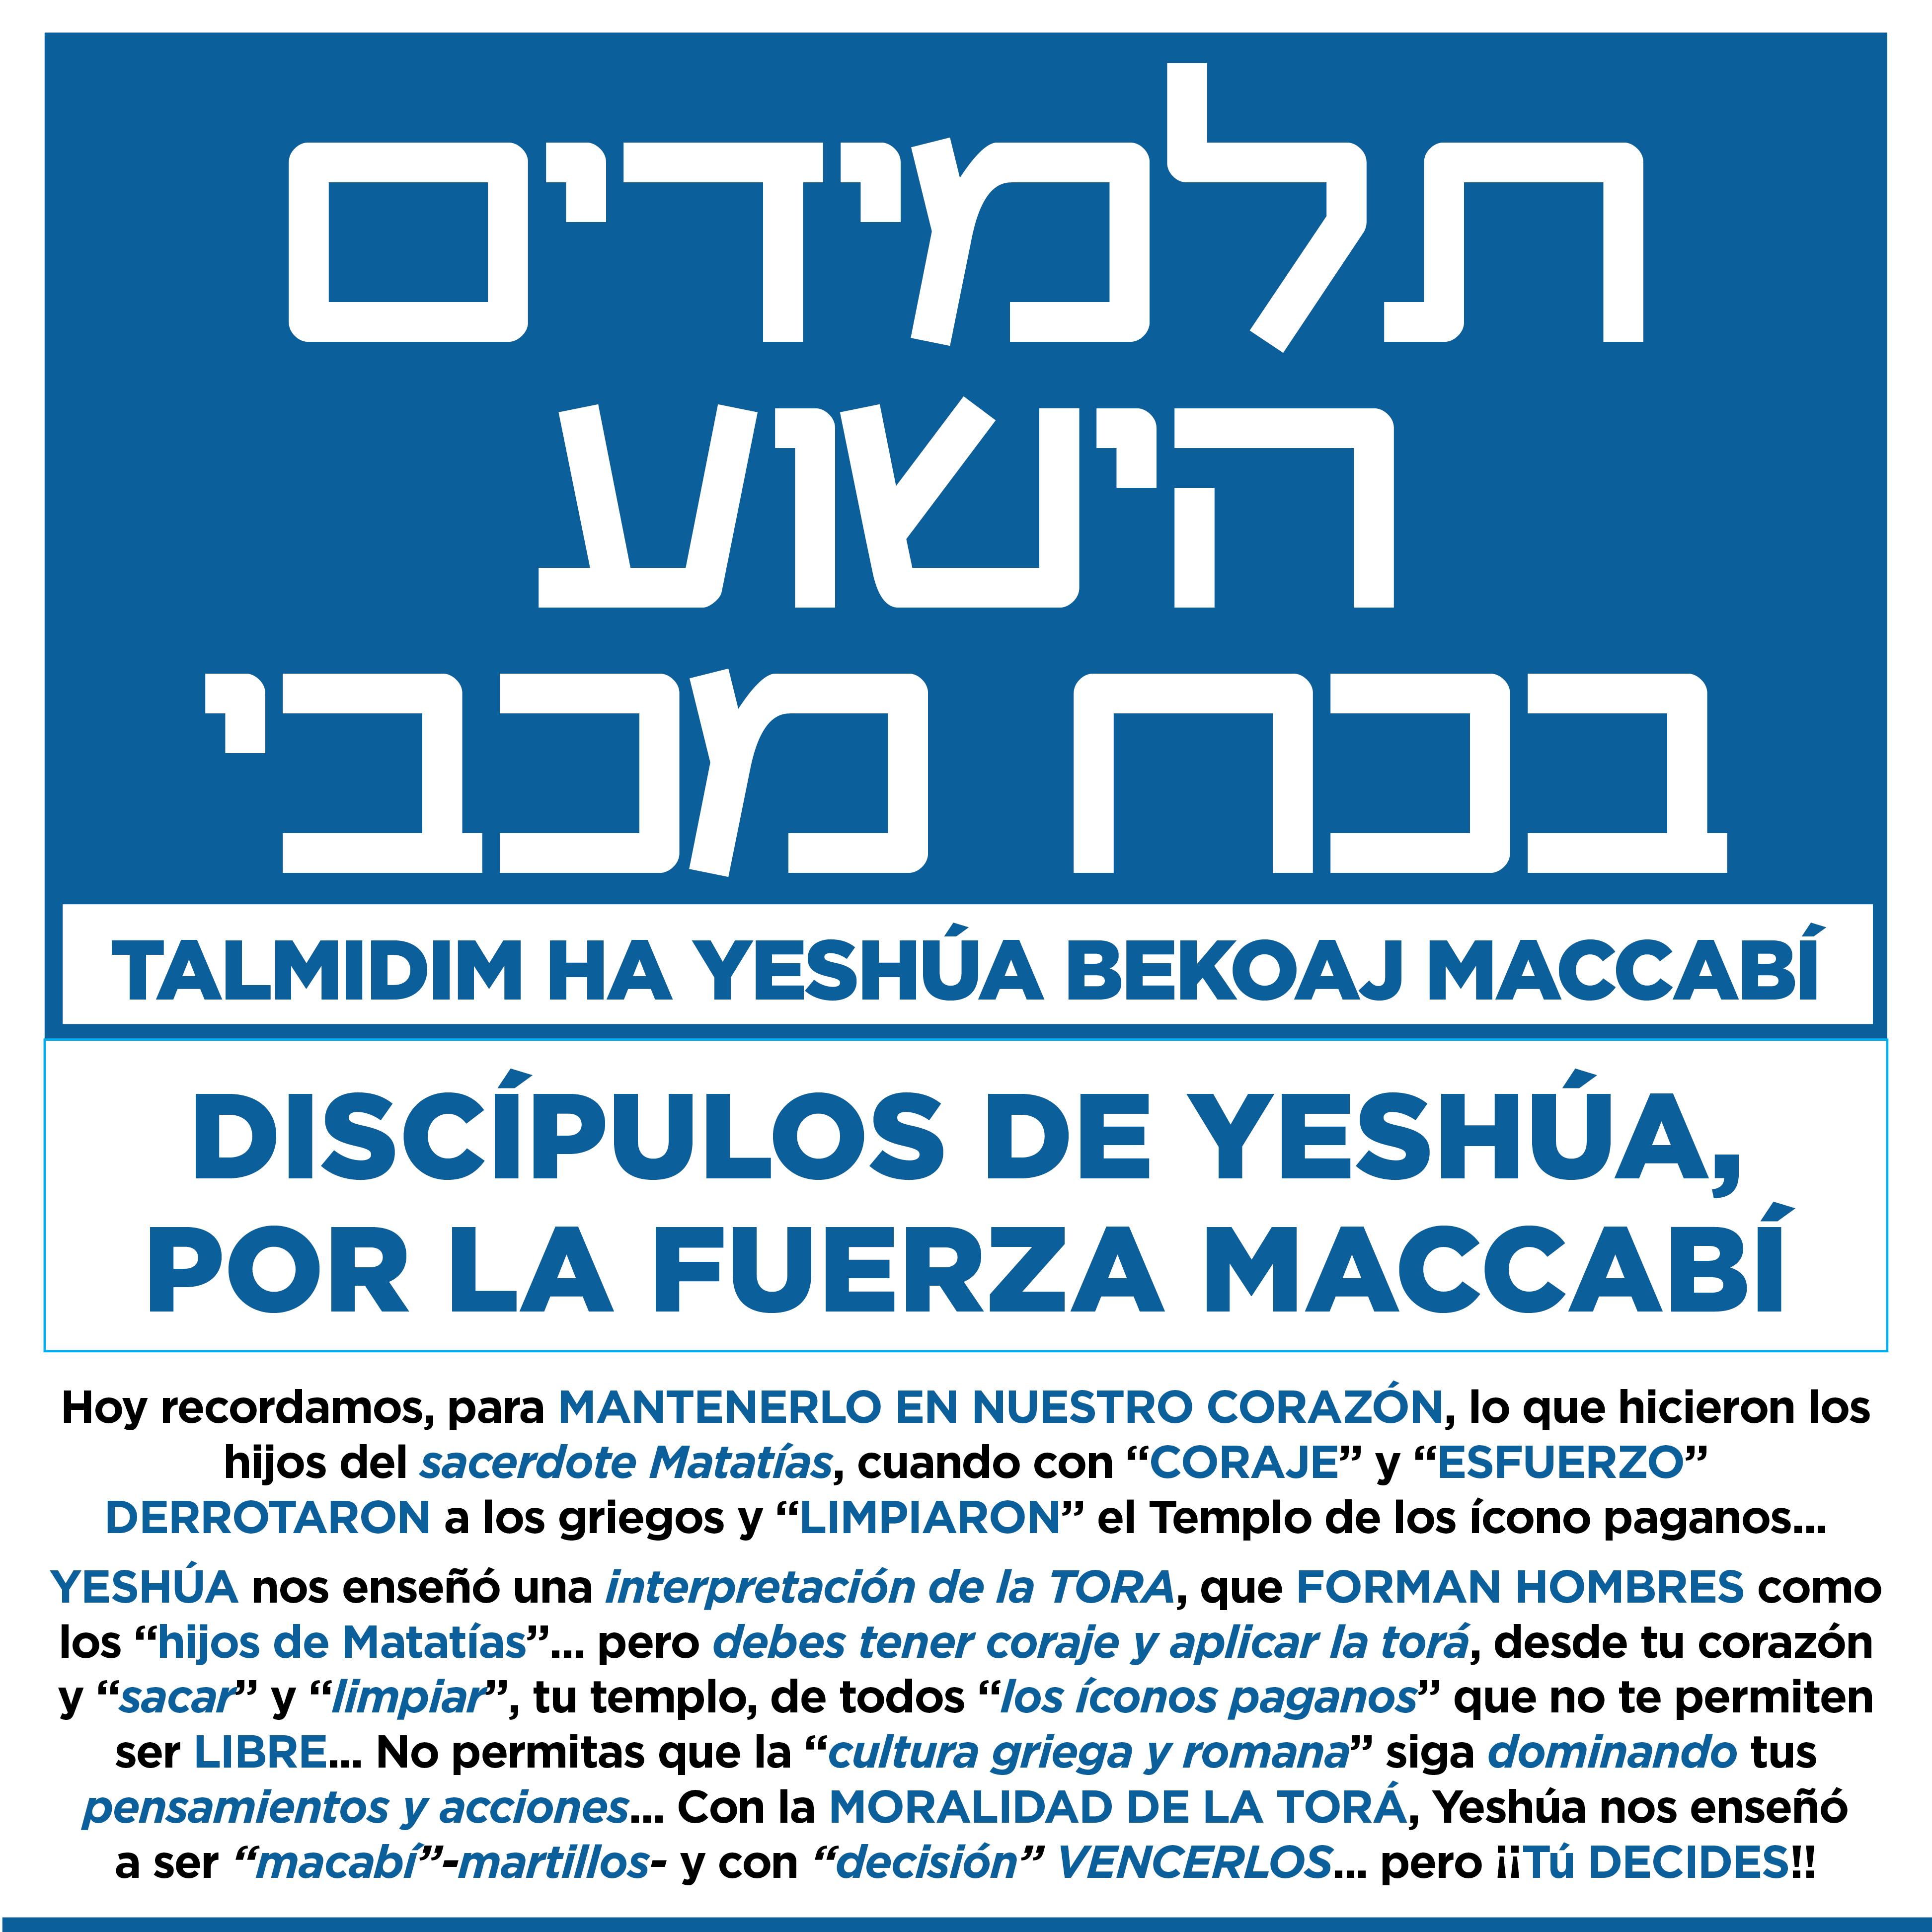 BANNER TALMIDIM MACCABI